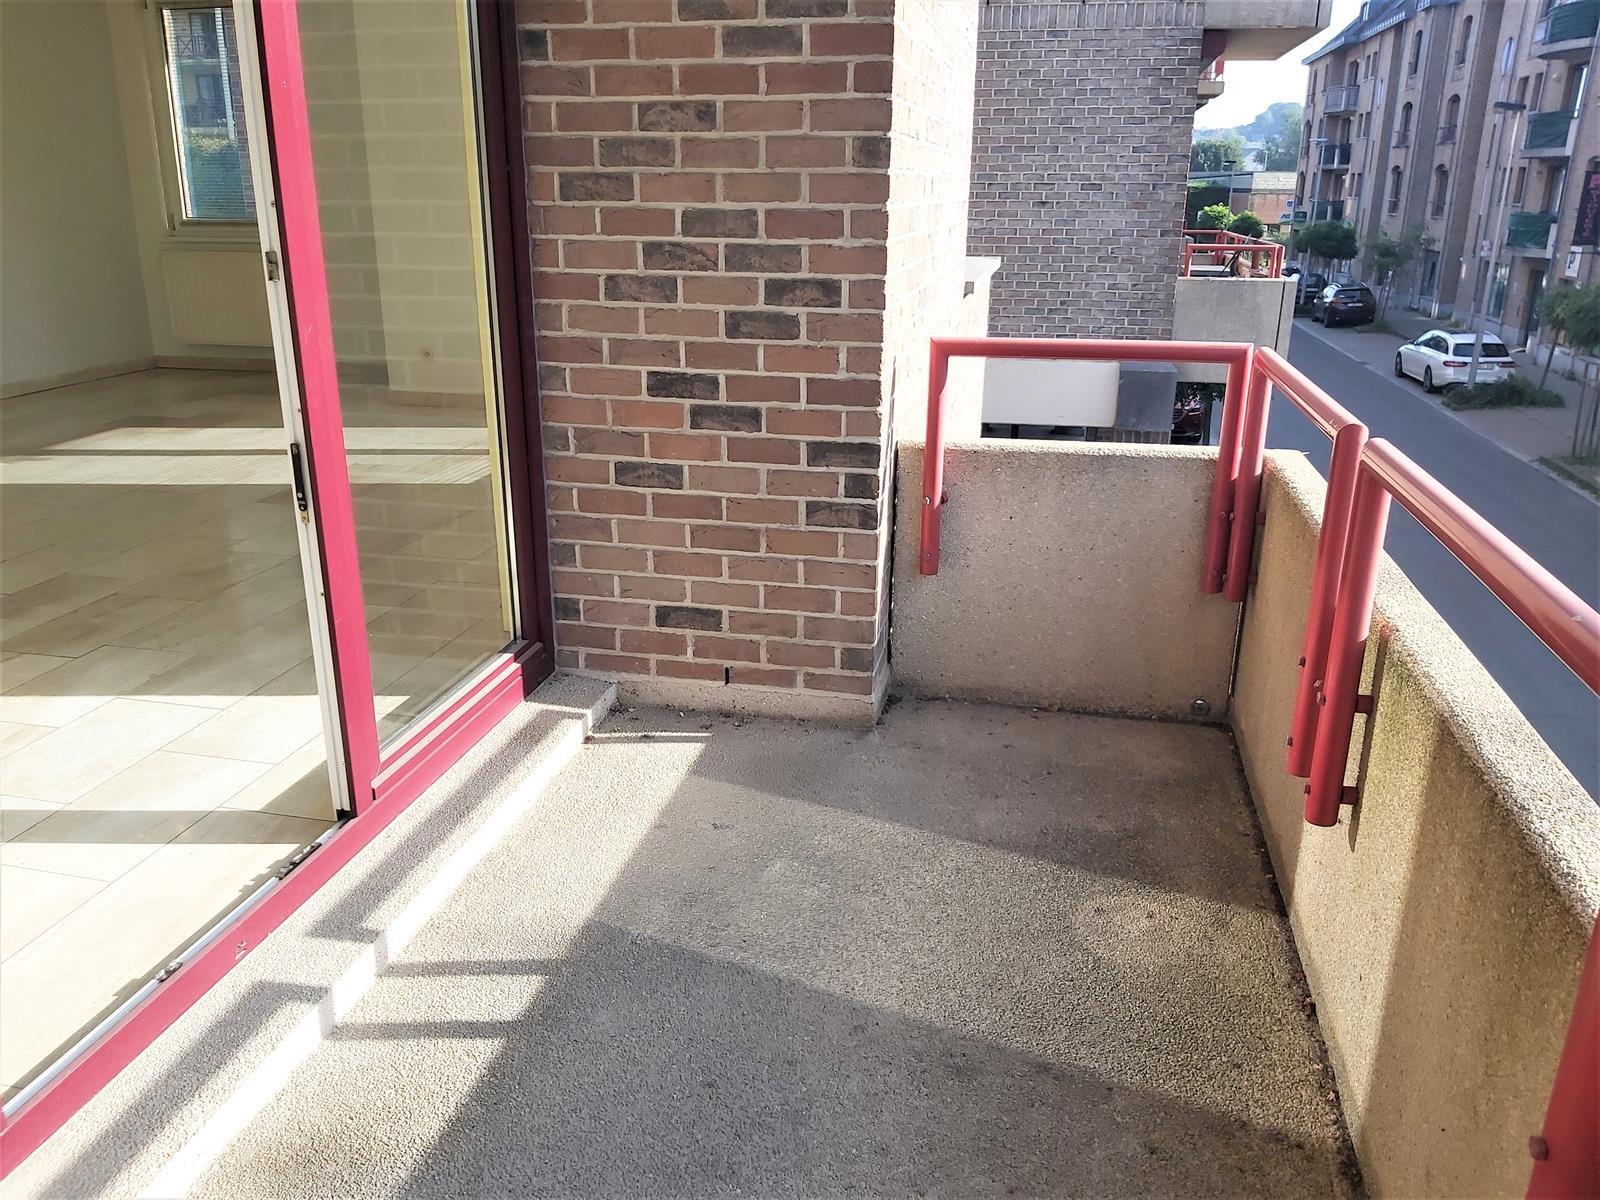 Appartement - Ottignies-Louvain-la-Neuve - #4498228-7